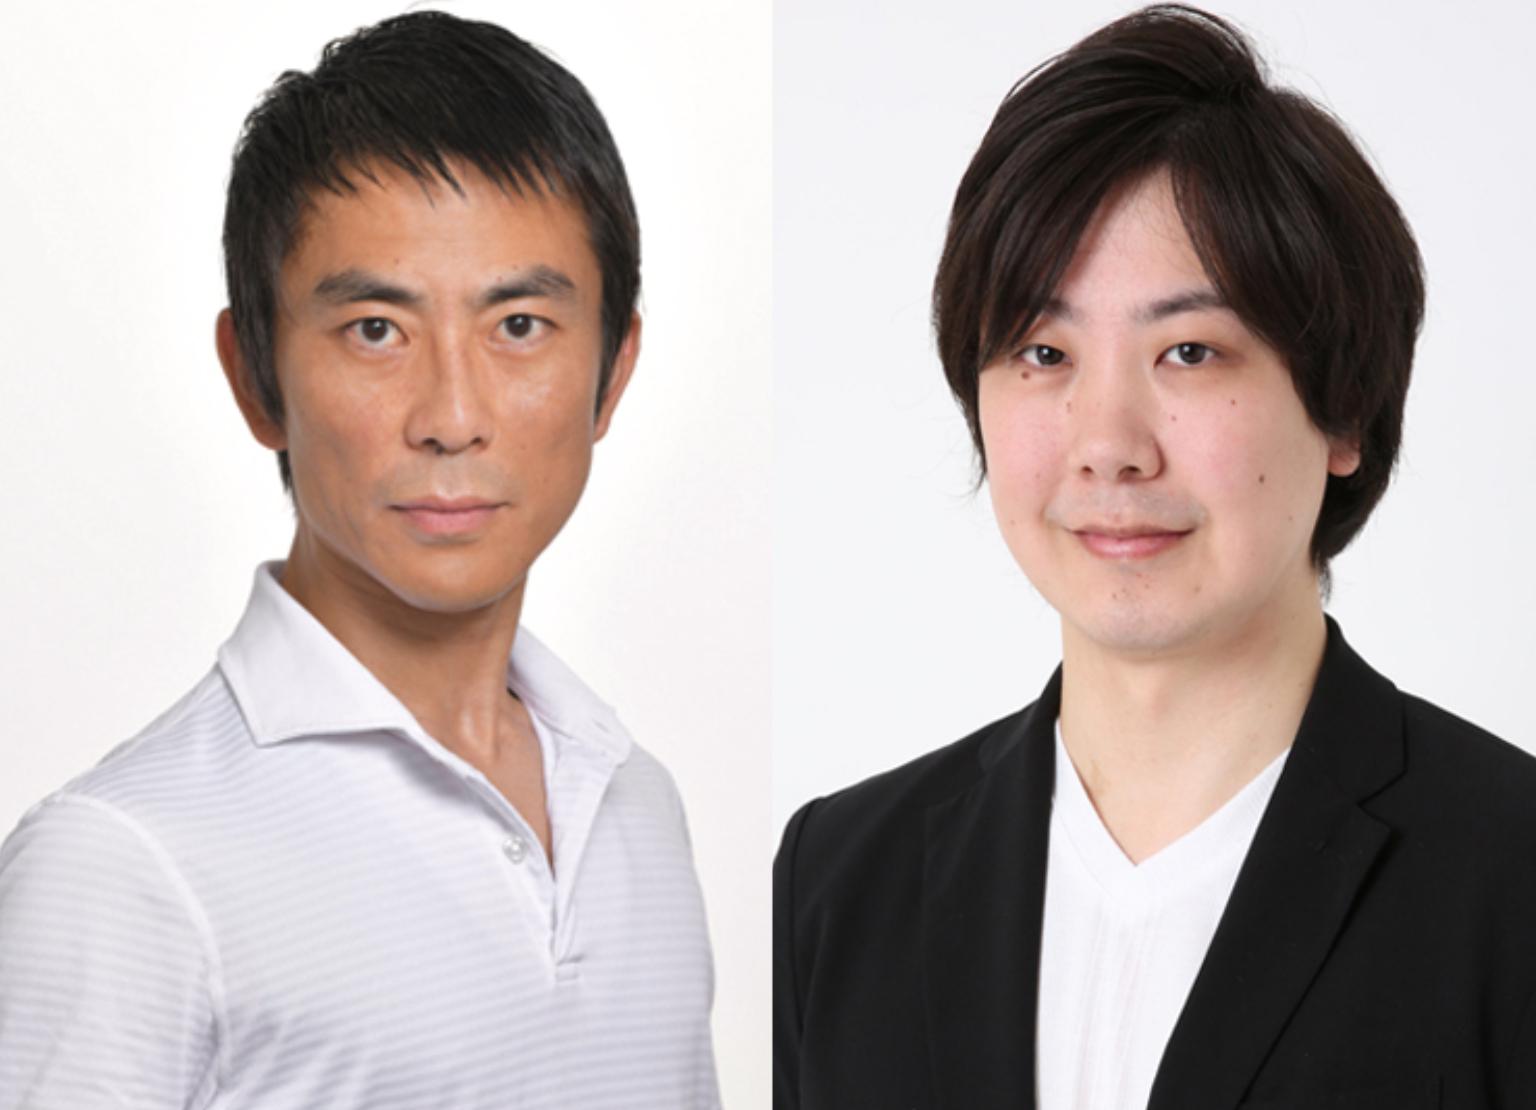 藤原満と藤井達也がアプリゲーム【極の道】にてCVを担当!